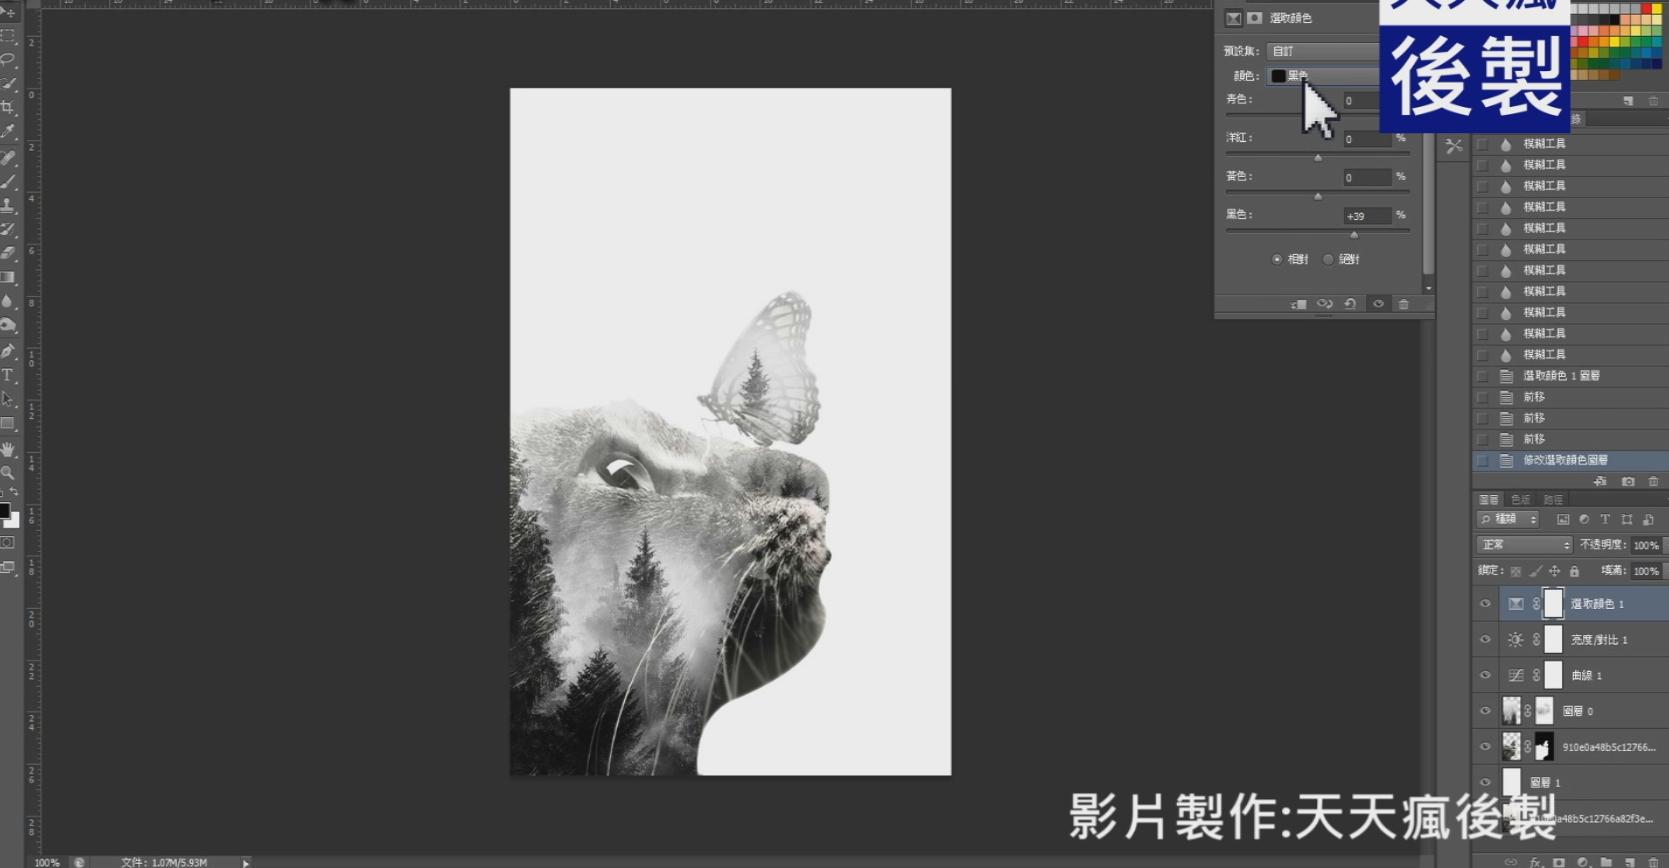 【重复曝光】 如何用PHOTOSHOP双重曝光效果